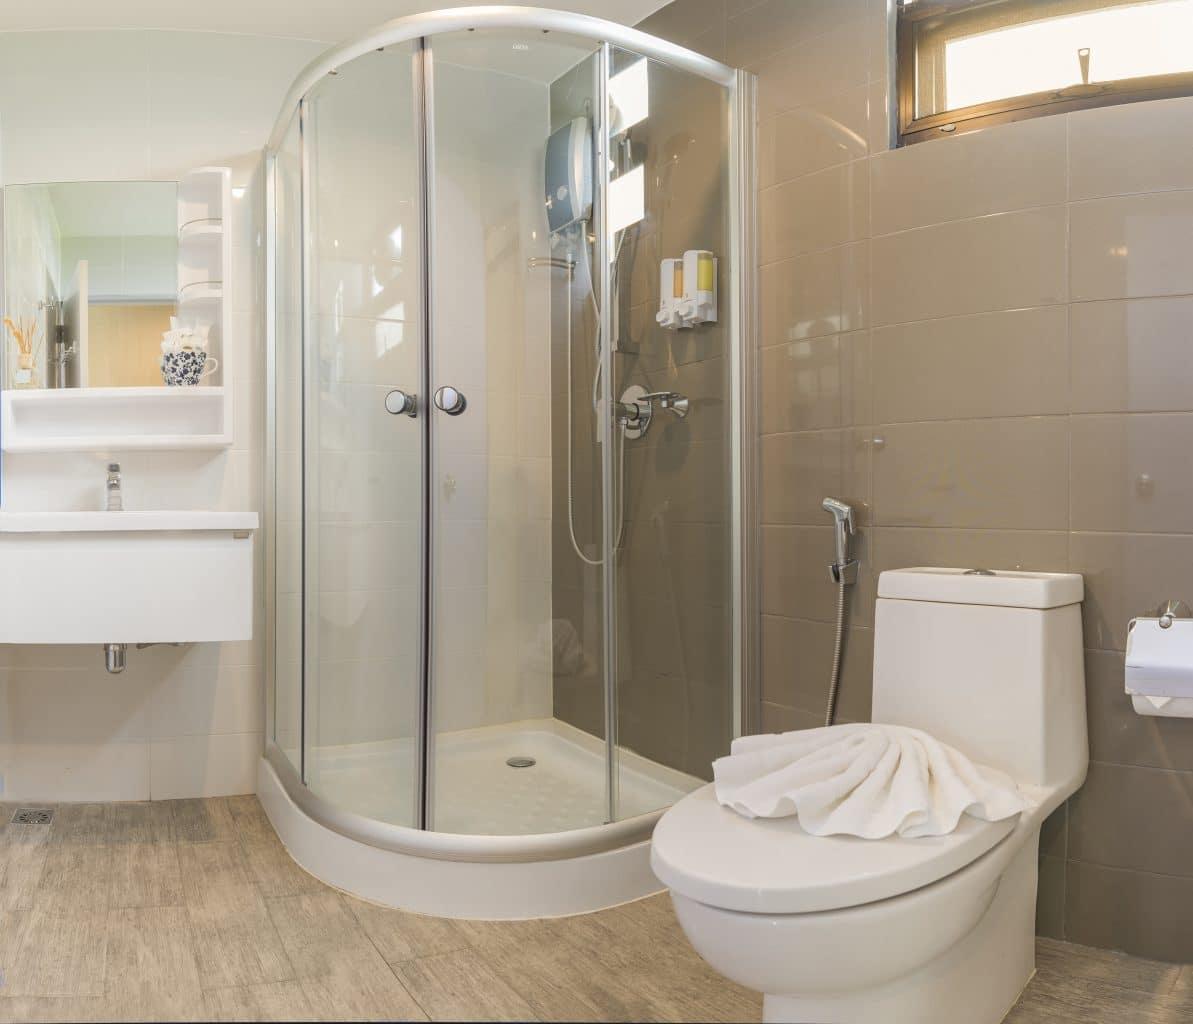 rénovation salle de bain avec cabine de douche